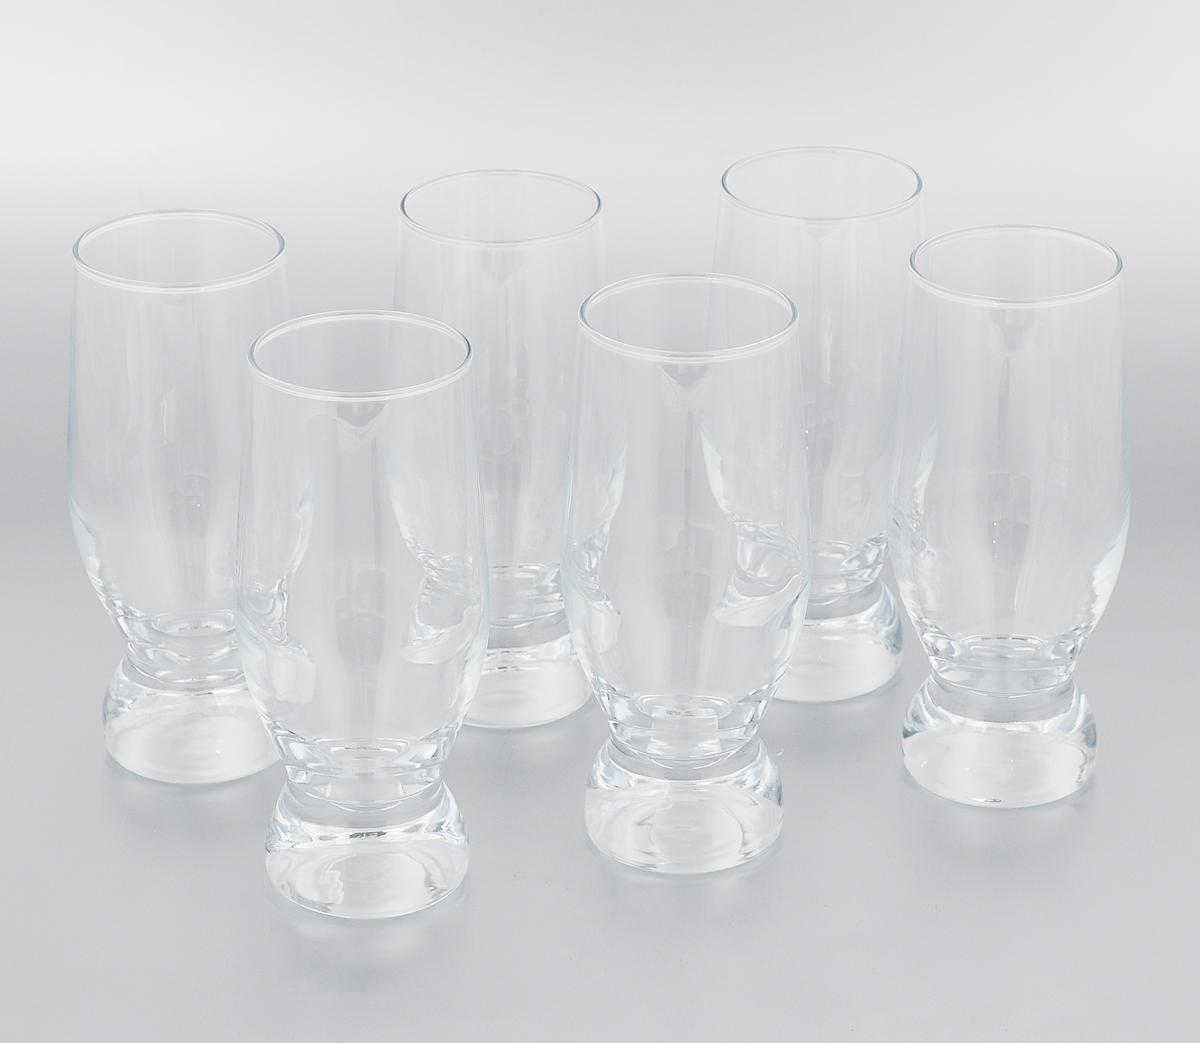 Набор стаканов Pasabahce Aquatic, 265 мл, 6 шт24687Набор Pasabahce Aquatic состоит из 6 стаканов, выполненных из прочного натрий-кальций-силикатного стекла, которое выдерживает нагрев до 70°С. Стильный лаконичный дизайн, роскошный внешний вид и несравненное качество сделают их великолепным украшением стола. Подходят для мытья в посудомоечной машине. Можно использовать в микроволновой печи и для хранения пищи в холодильнике. Диаметр (по верхнему краю): 5,5 см. Высота стакана: 15 см.